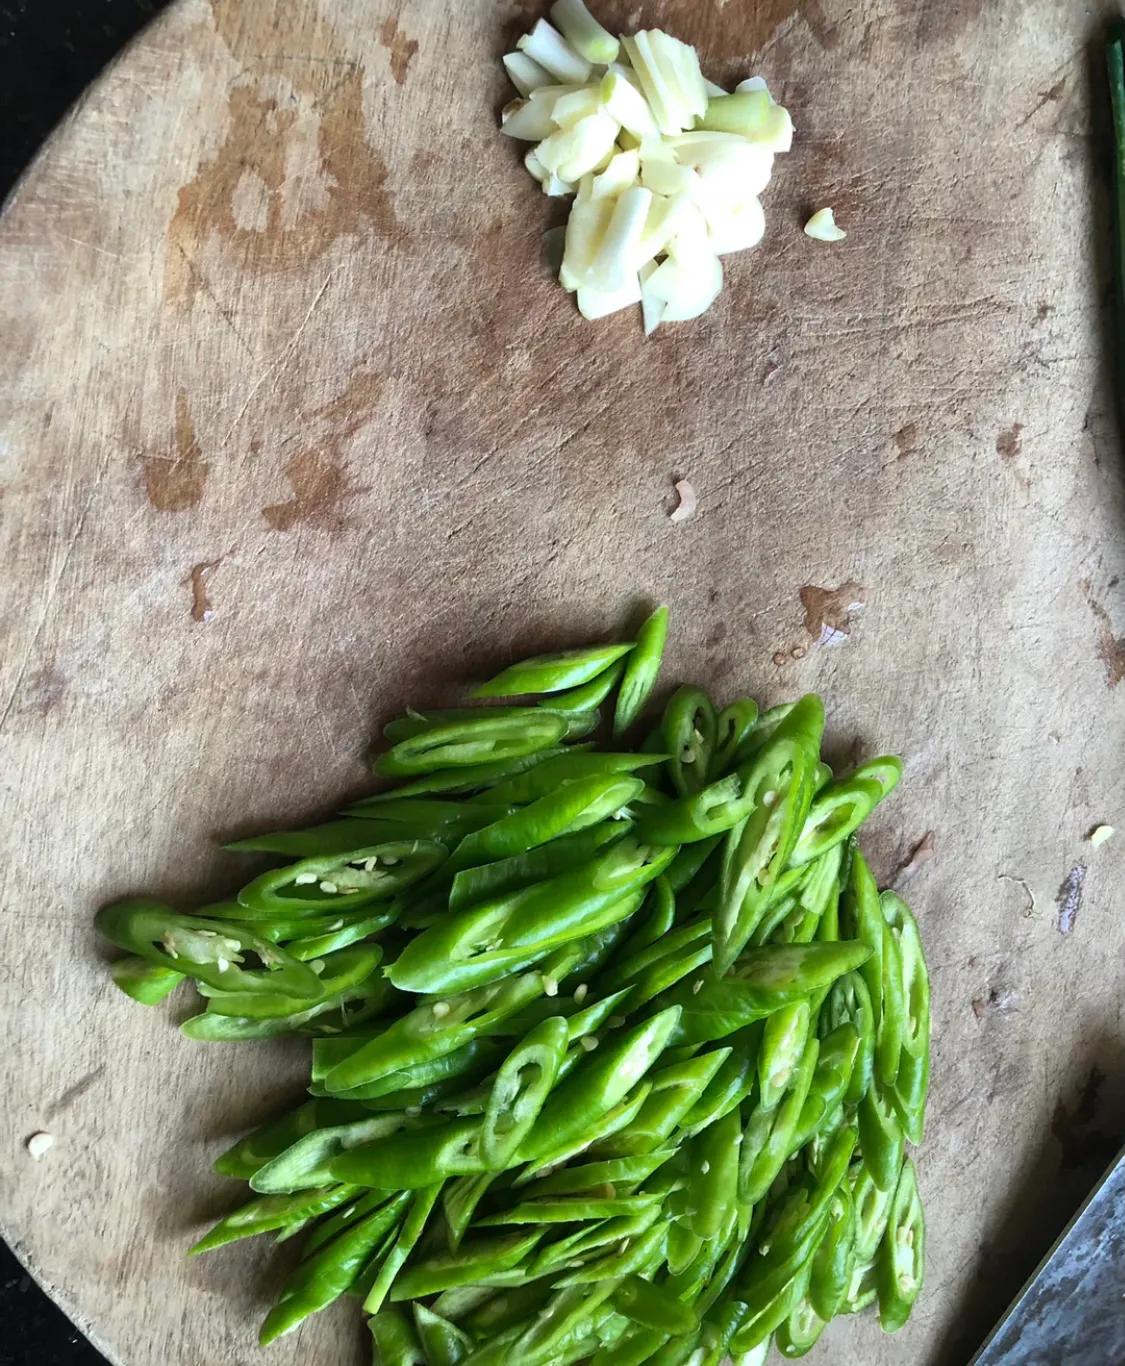 家常菜:青椒炒肉 美食做法 第3张